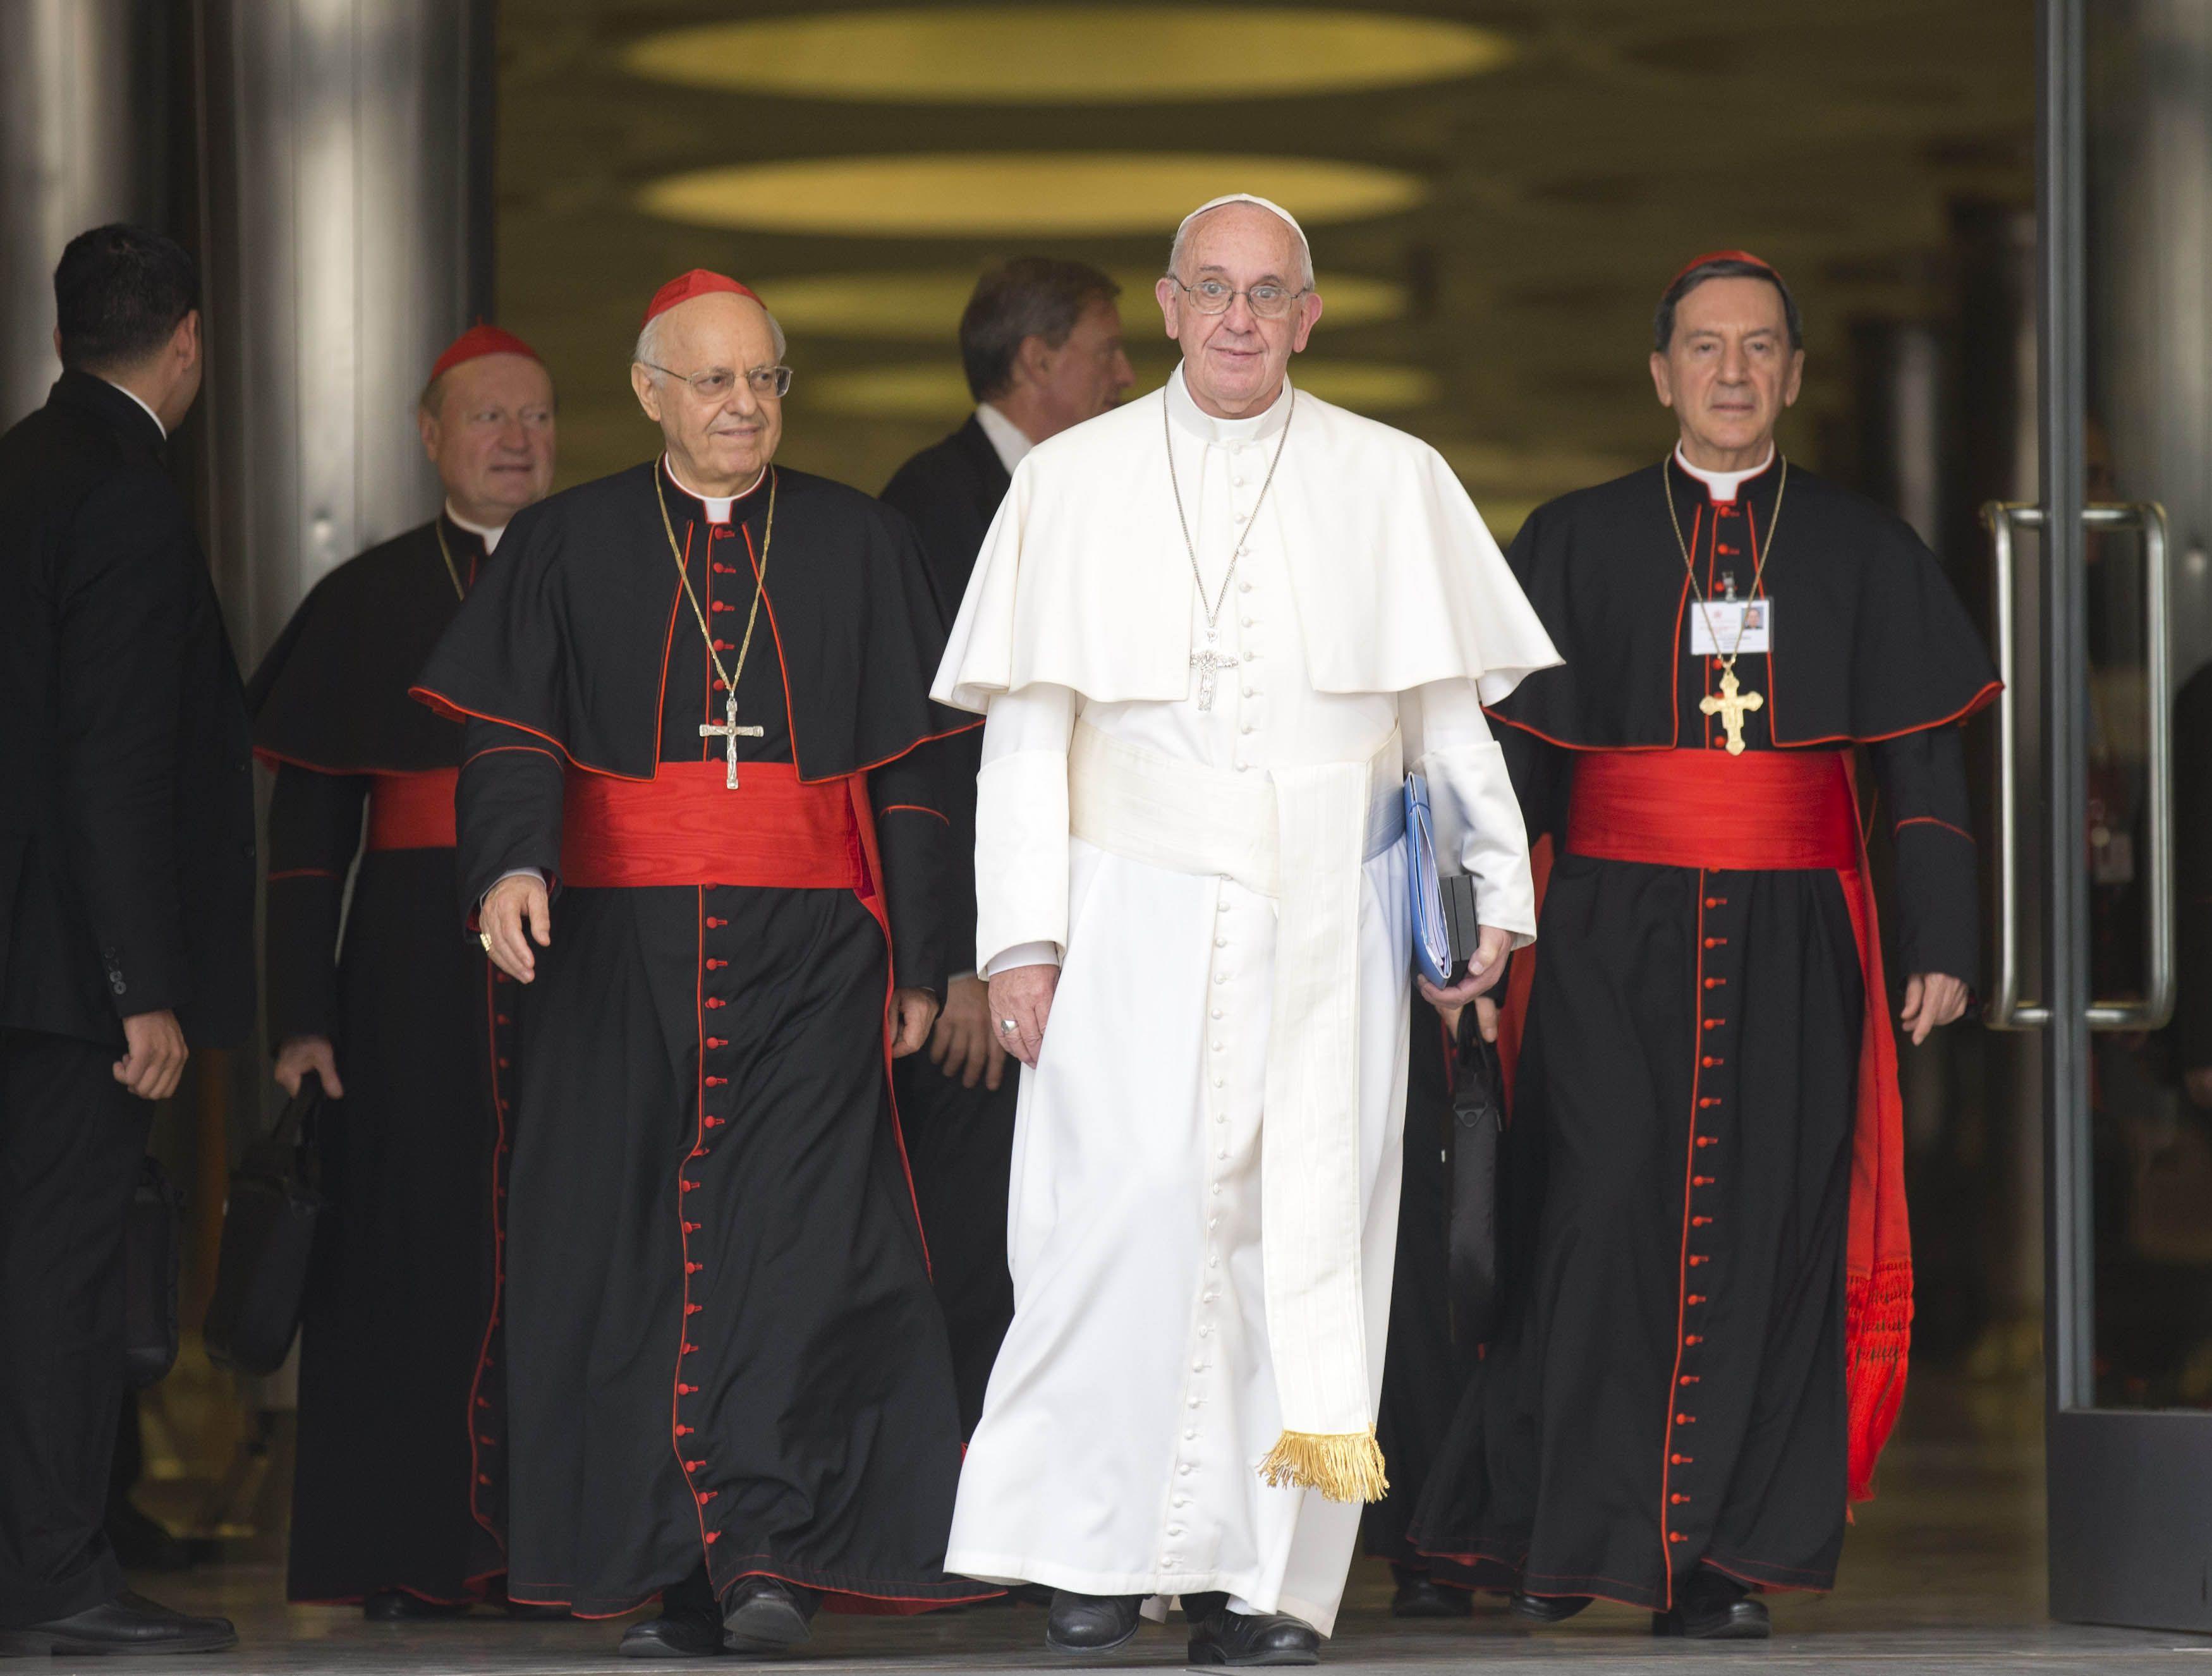 Alerta. El Papa sale del sínodo flanqueado por los cardenales Lorenzo Baldisseri (izq.) y Rubén Salazar Gómez (der.). (AP)